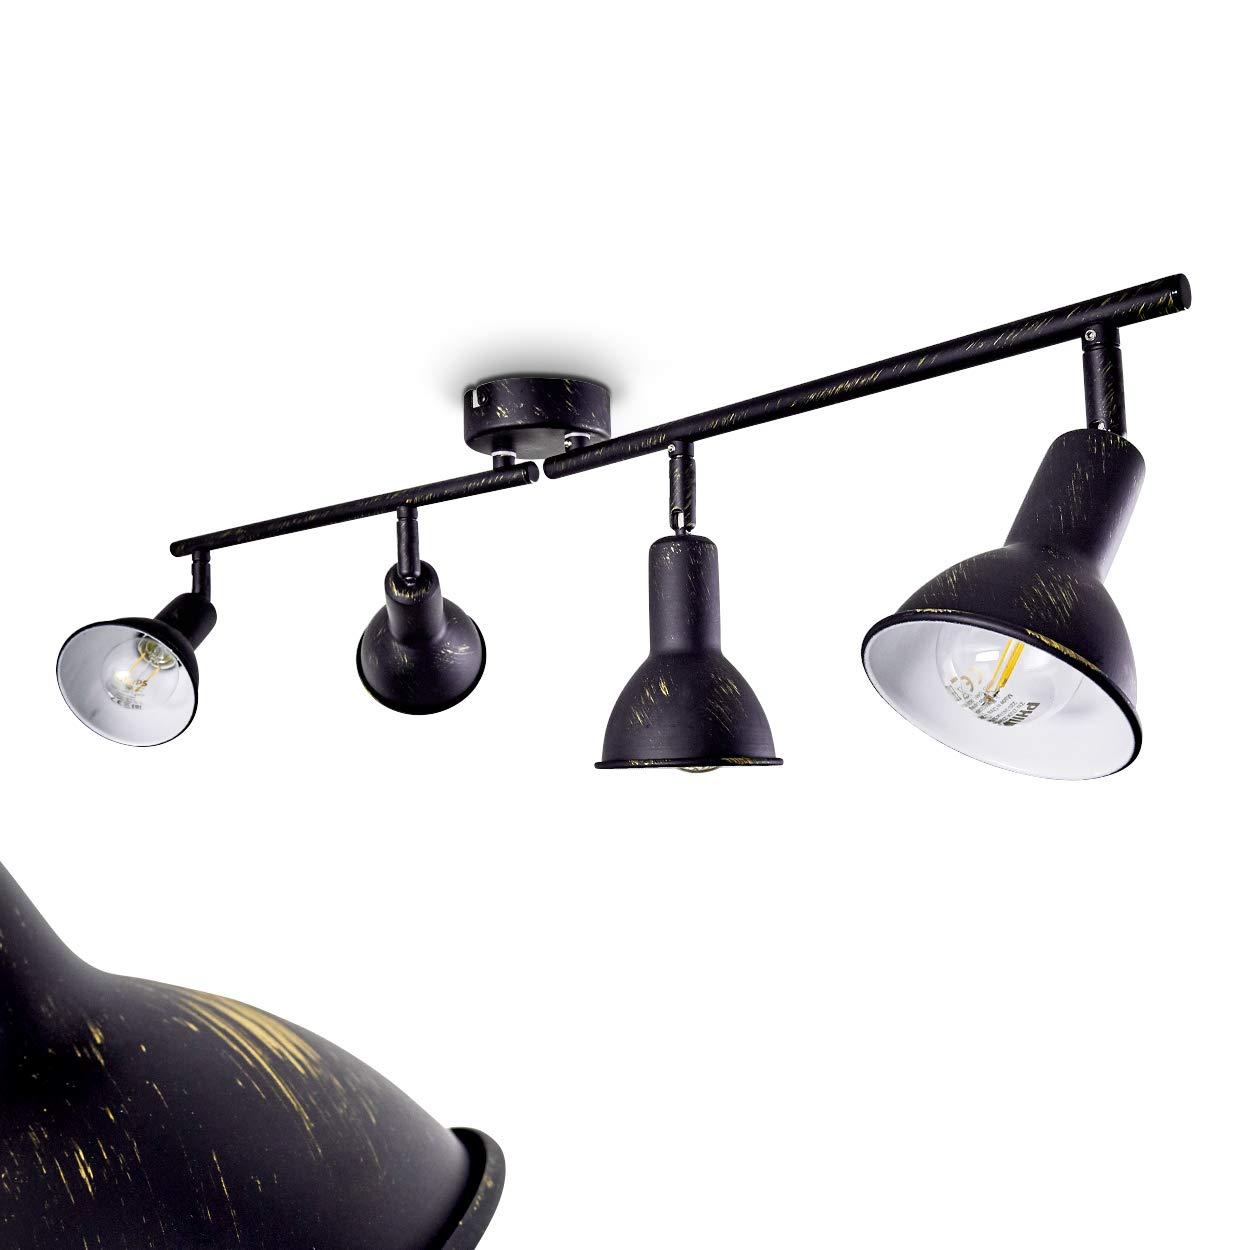 Polmak Deckenlampe mit 4 Lampenschirmen – moderner Deckenspot mit E14-Fassungen a 40 Watt - Deckenstrahler aus Metall in Schwarz mit Goldelementen und verstellbaren Spots – Zimmerlampe für Wohnzimmer